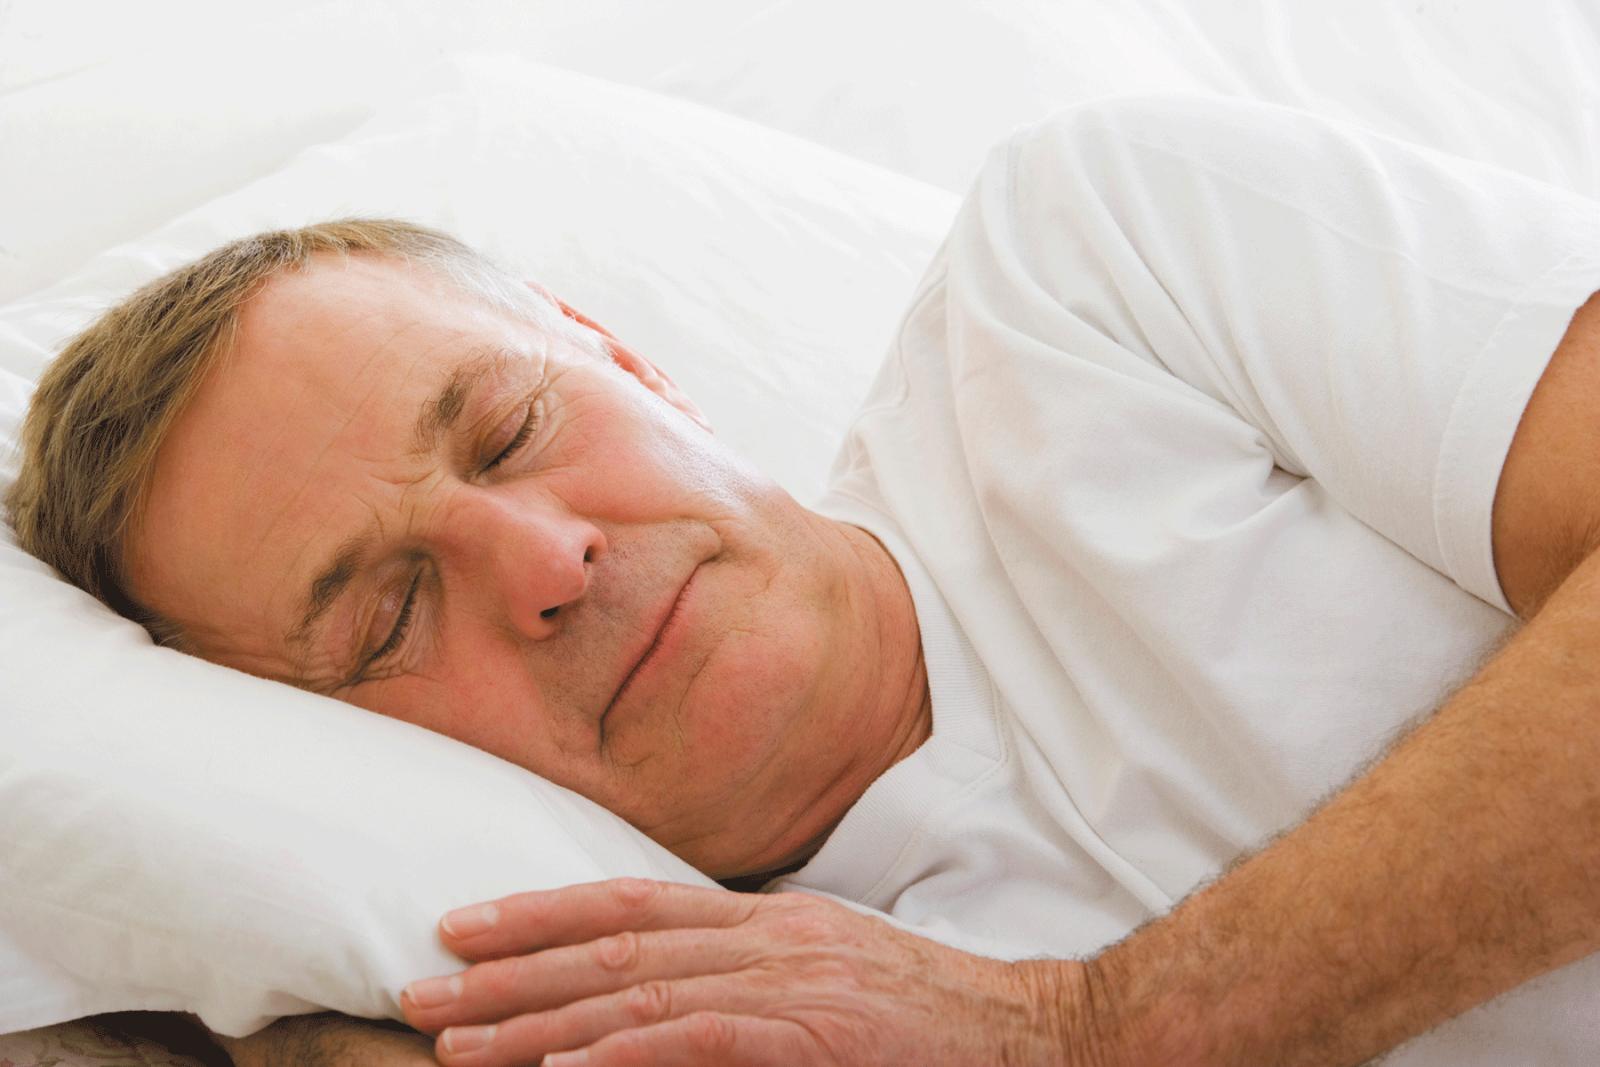 sleeping-man-bed-tired-sleep